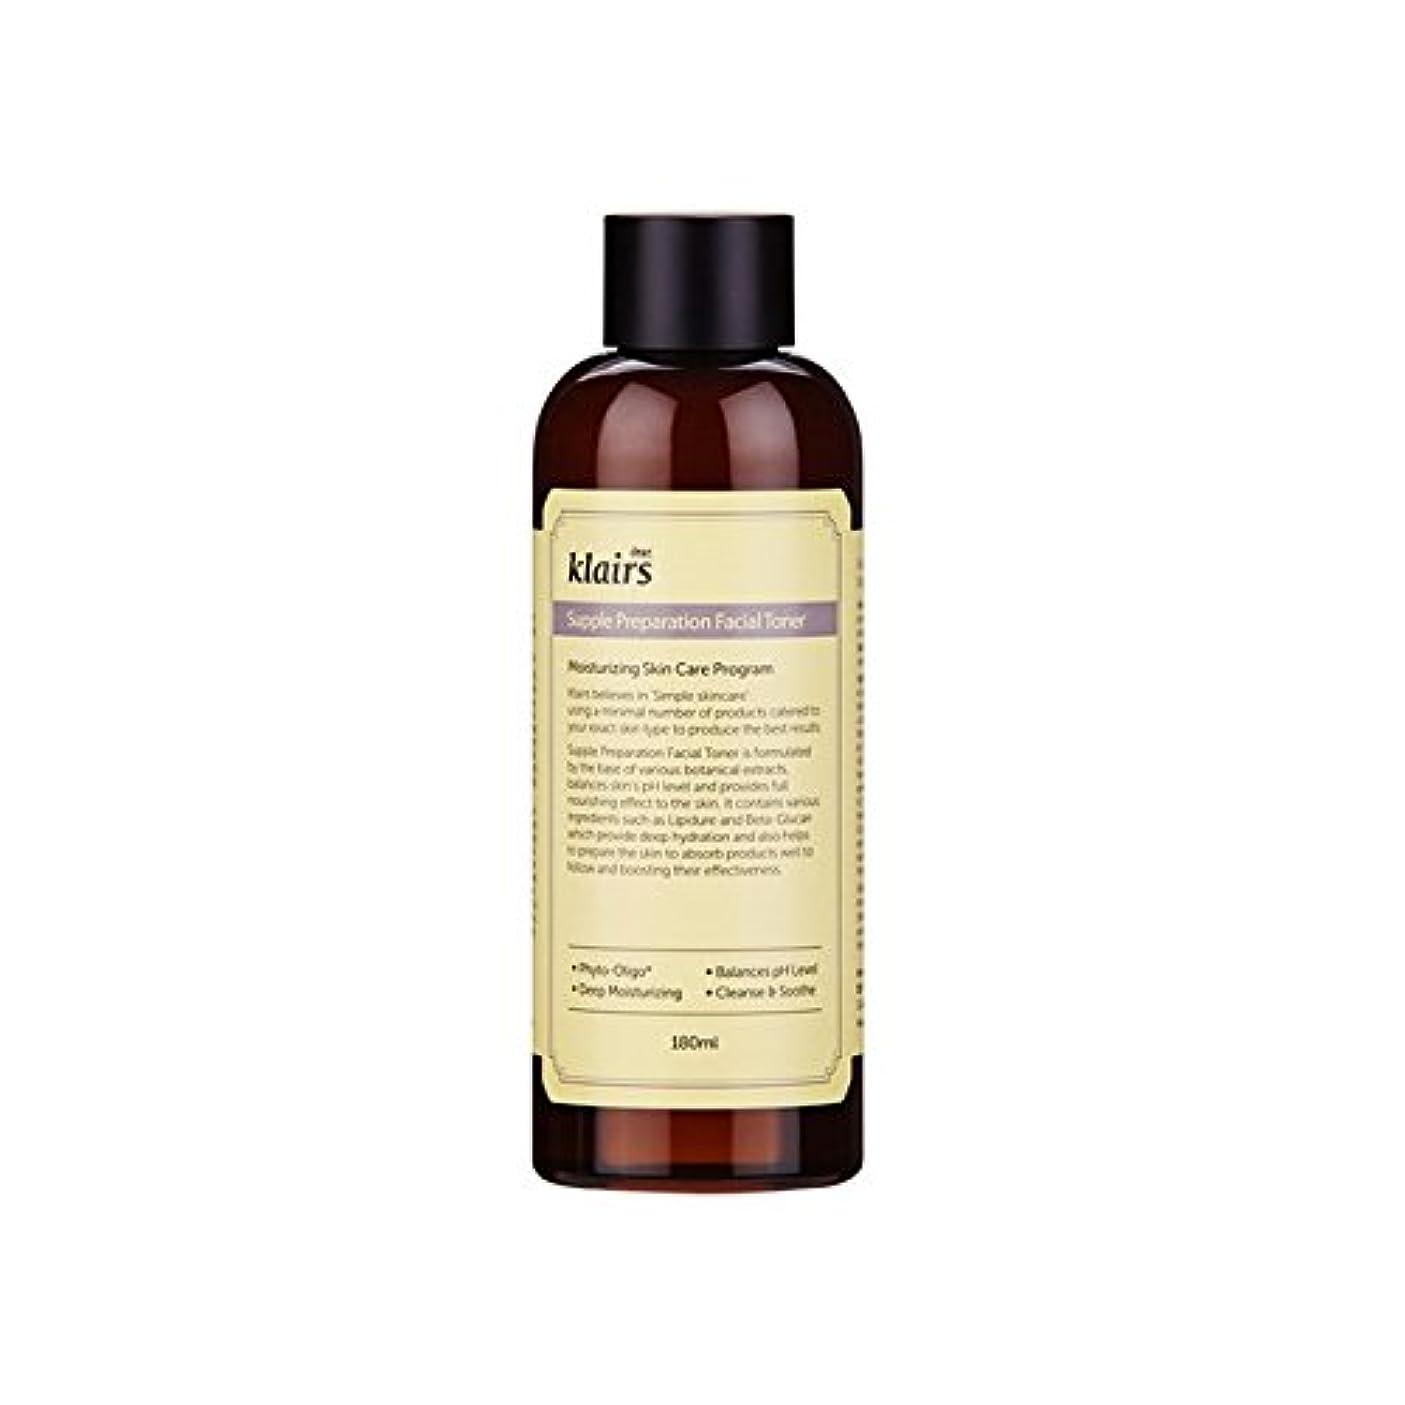 KLAIRS Supple Preparationフェイシャルトナー180 ml(KLAIRS Supple Preparation Facial Toner 180 ml) [並行輸入品]